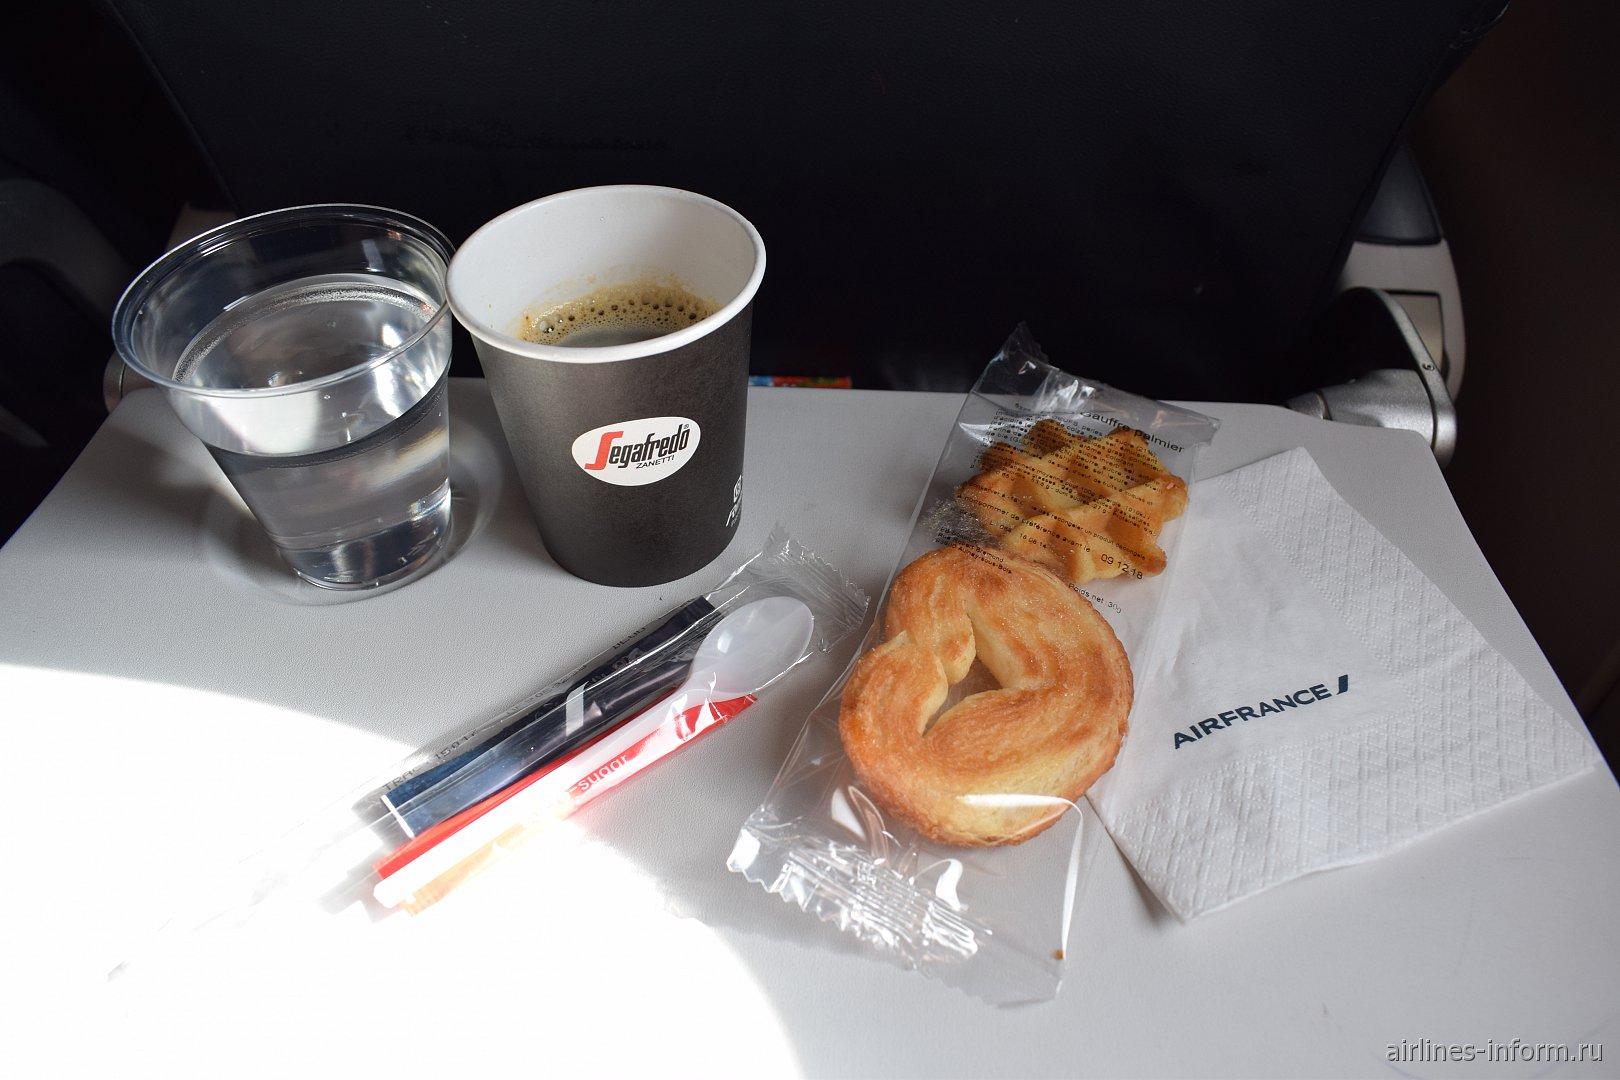 Бортовое питание на рейсе Лондон-Париж авиакомпании Air France